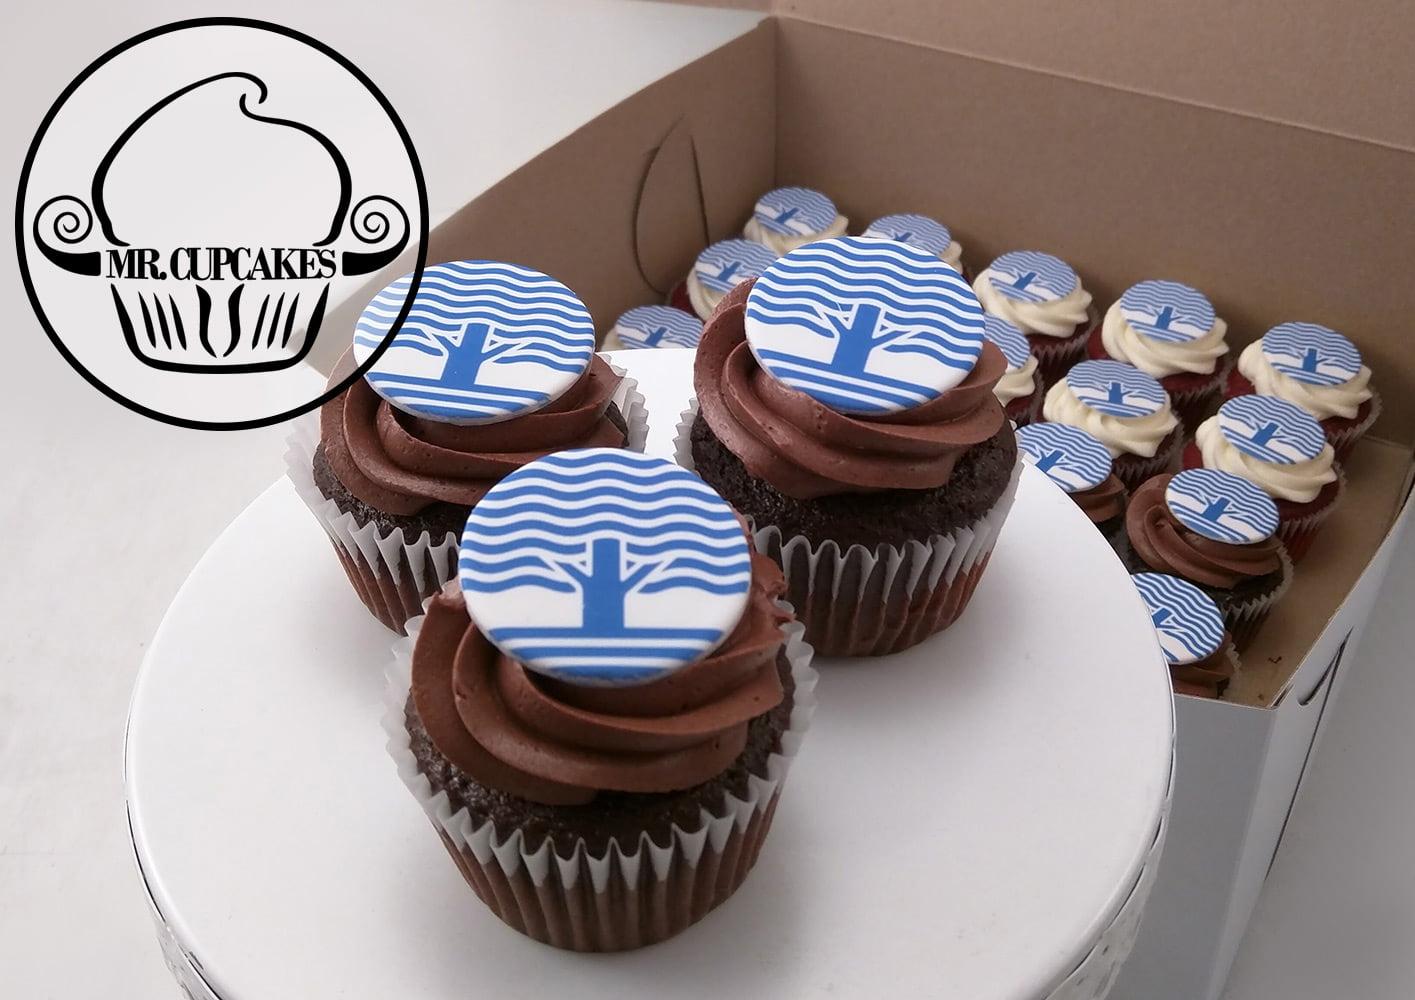 Wawanesa cupcakes